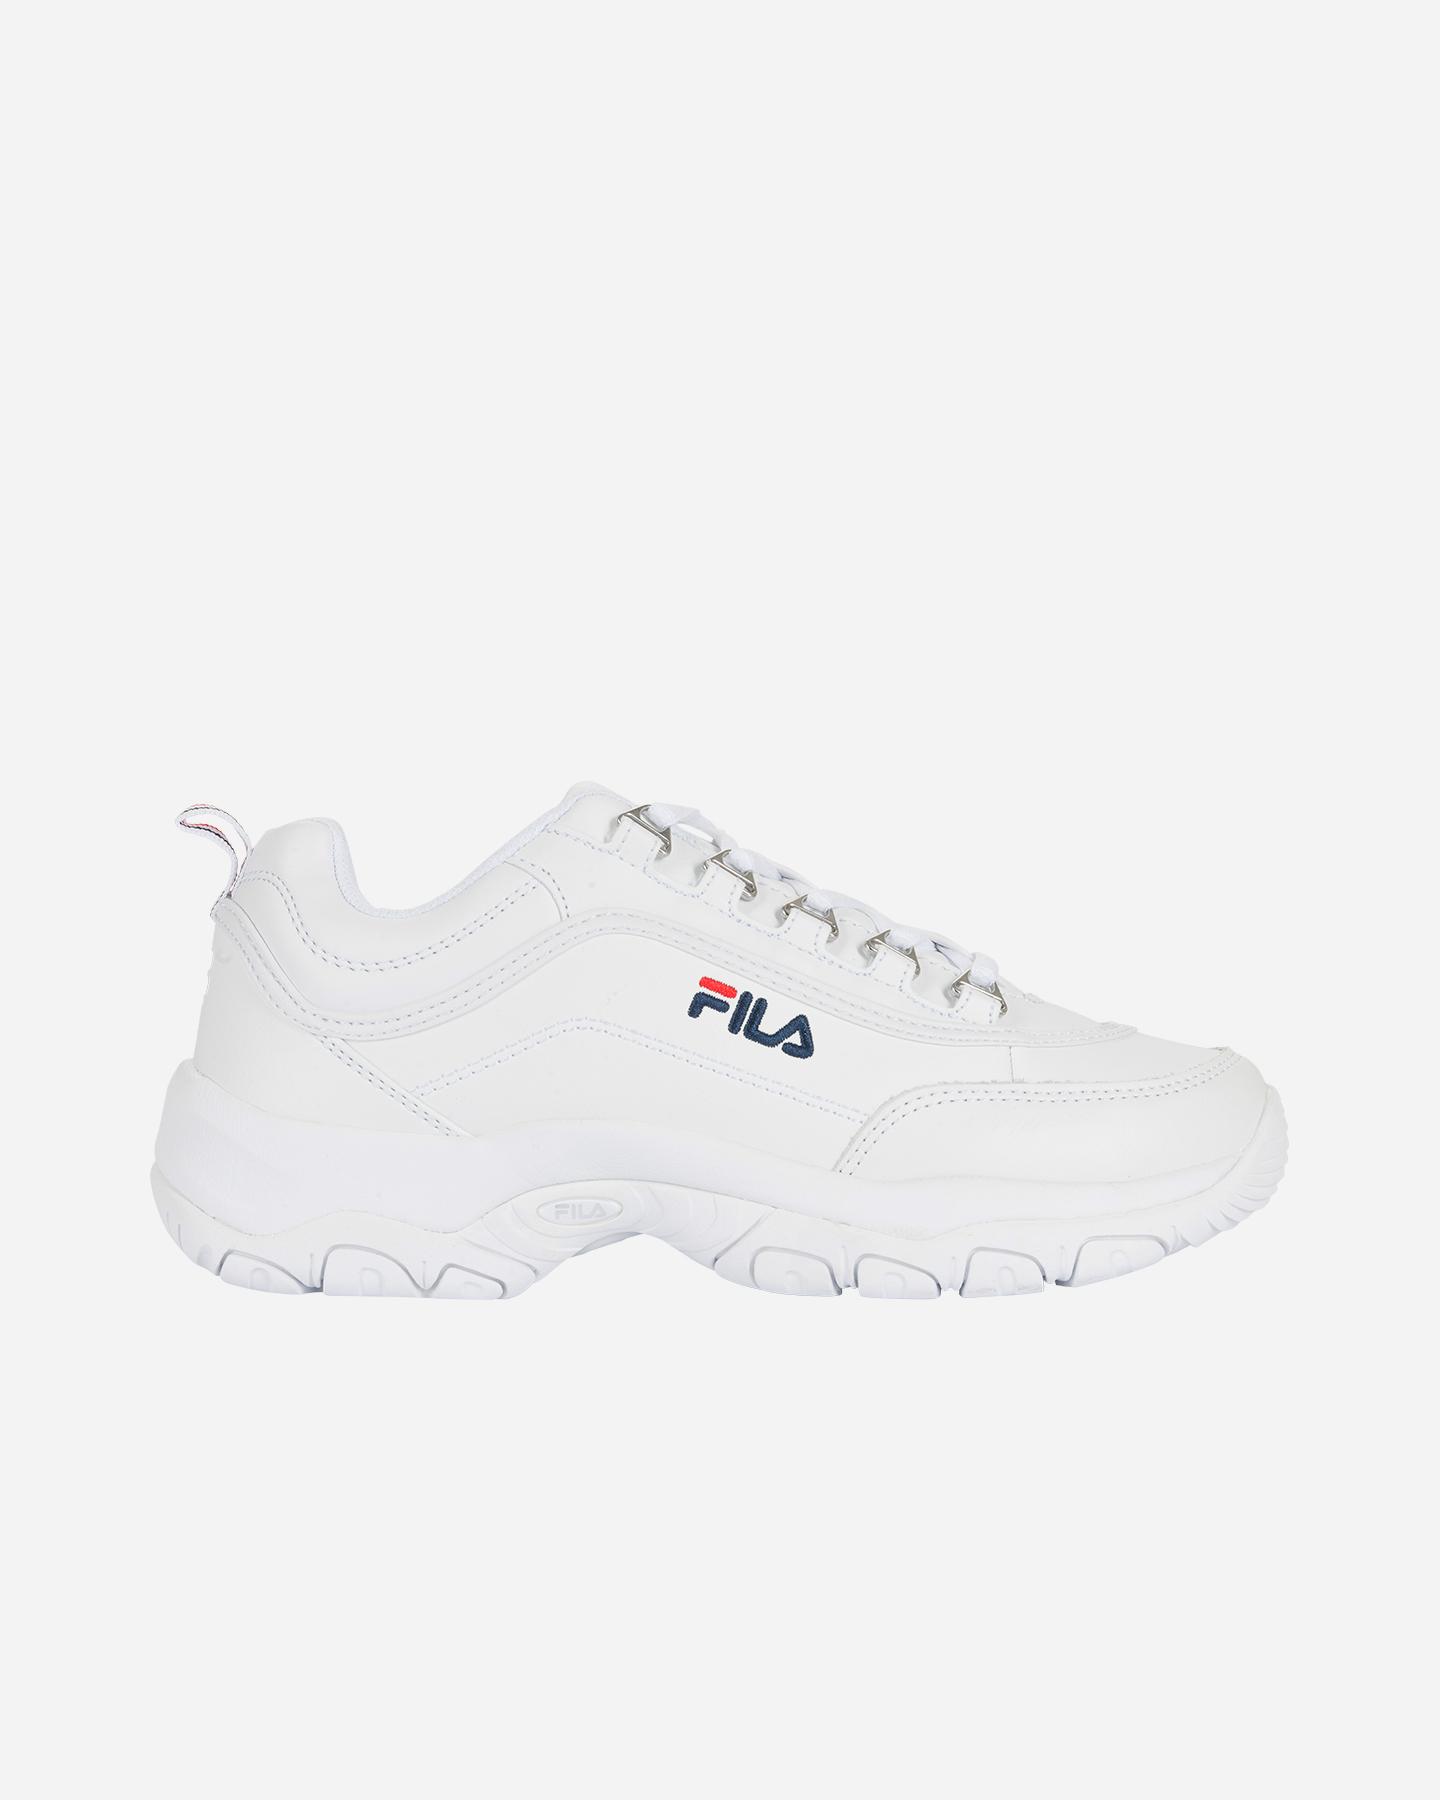 messa a fuoco In anticipo empirico  Scarpe Sneakers Fila Explore Strada Low W 1010560-1FG | Cisalfa Sport